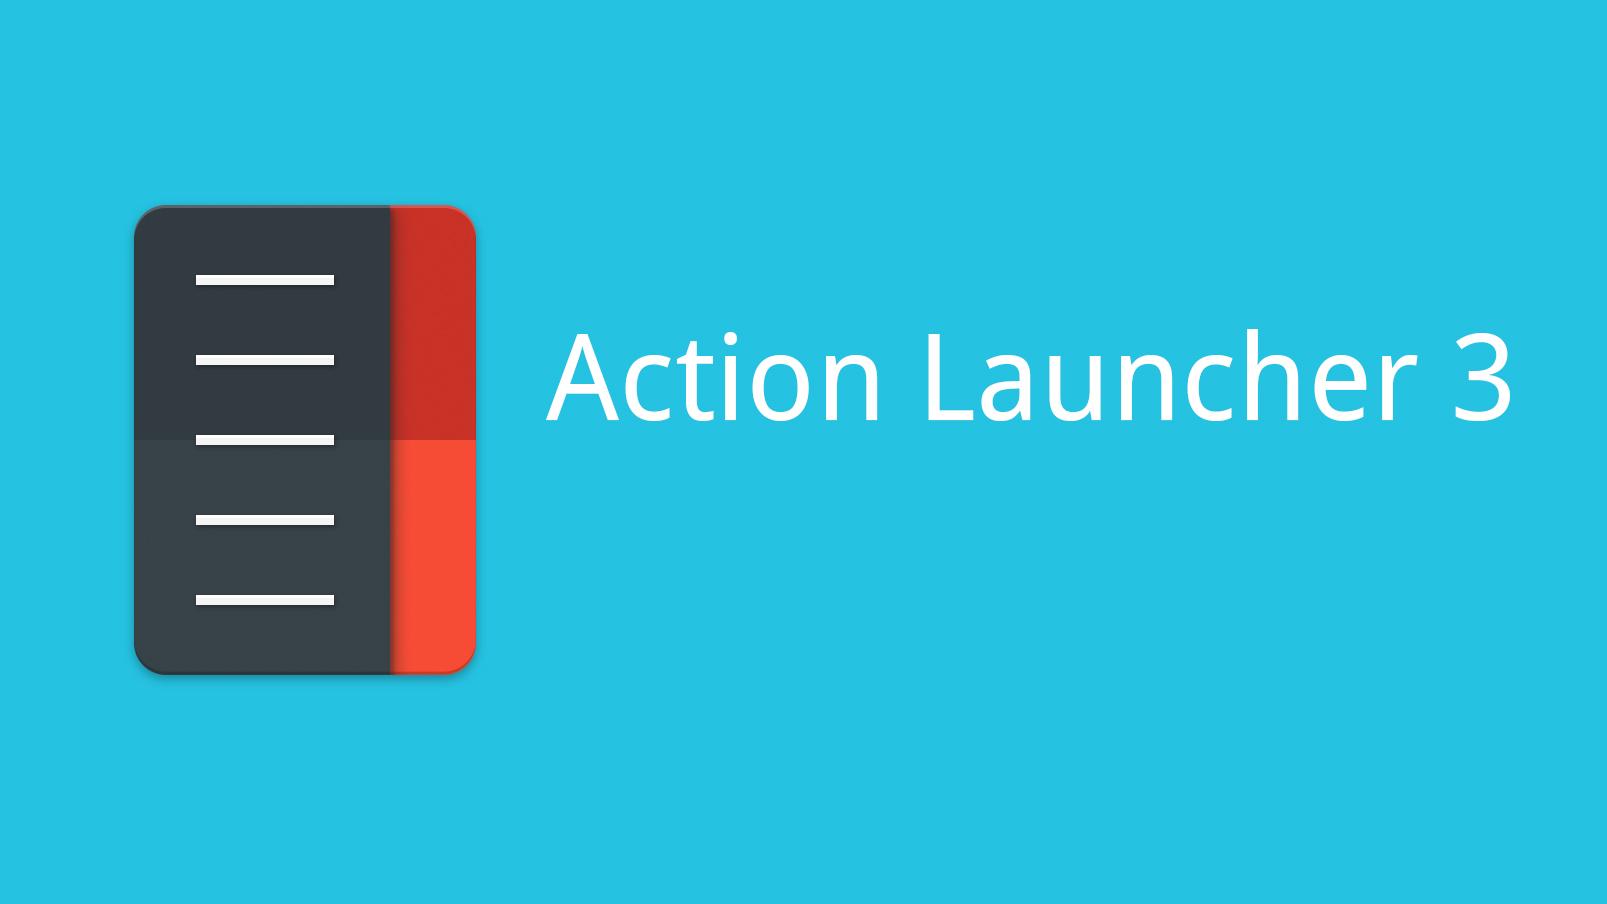 لانشر Action Launcher 3 للاندرويد مميزات فريدة